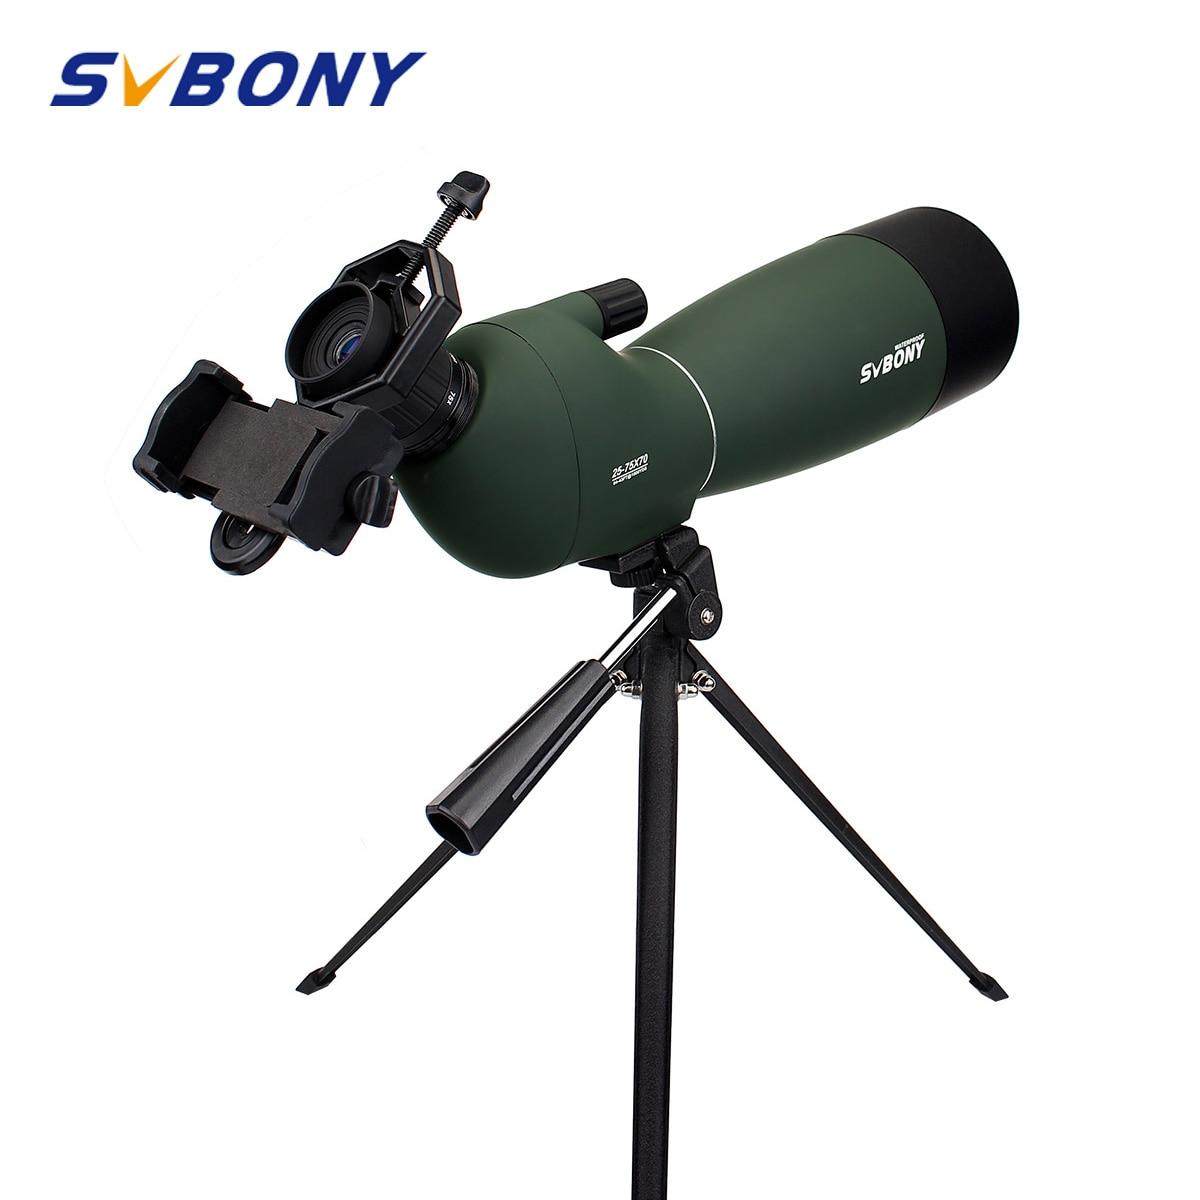 Svbone SV28 50/60/70mm longue-vue Zoom télescope étanche montre à oiseaux chasse monoculaire et universel adaptateur de téléphone MountF9308